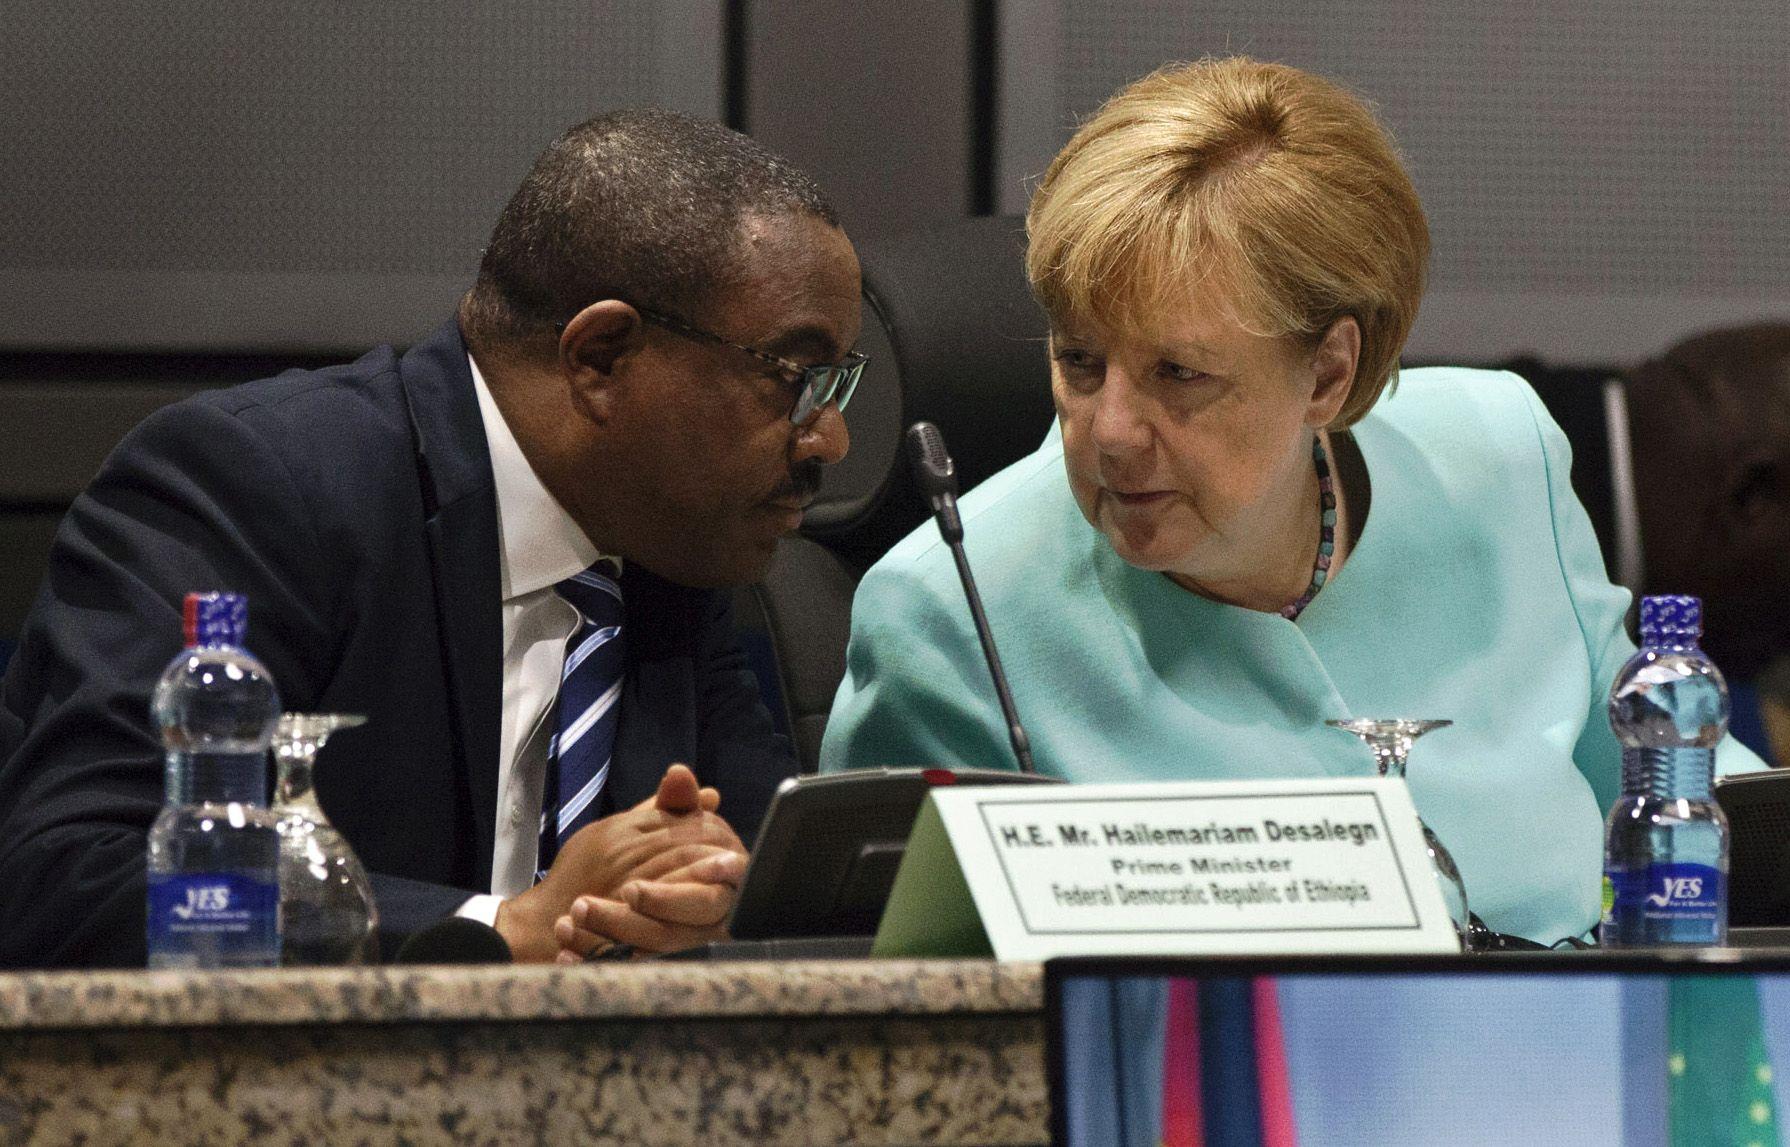 Desalegn and Merkel